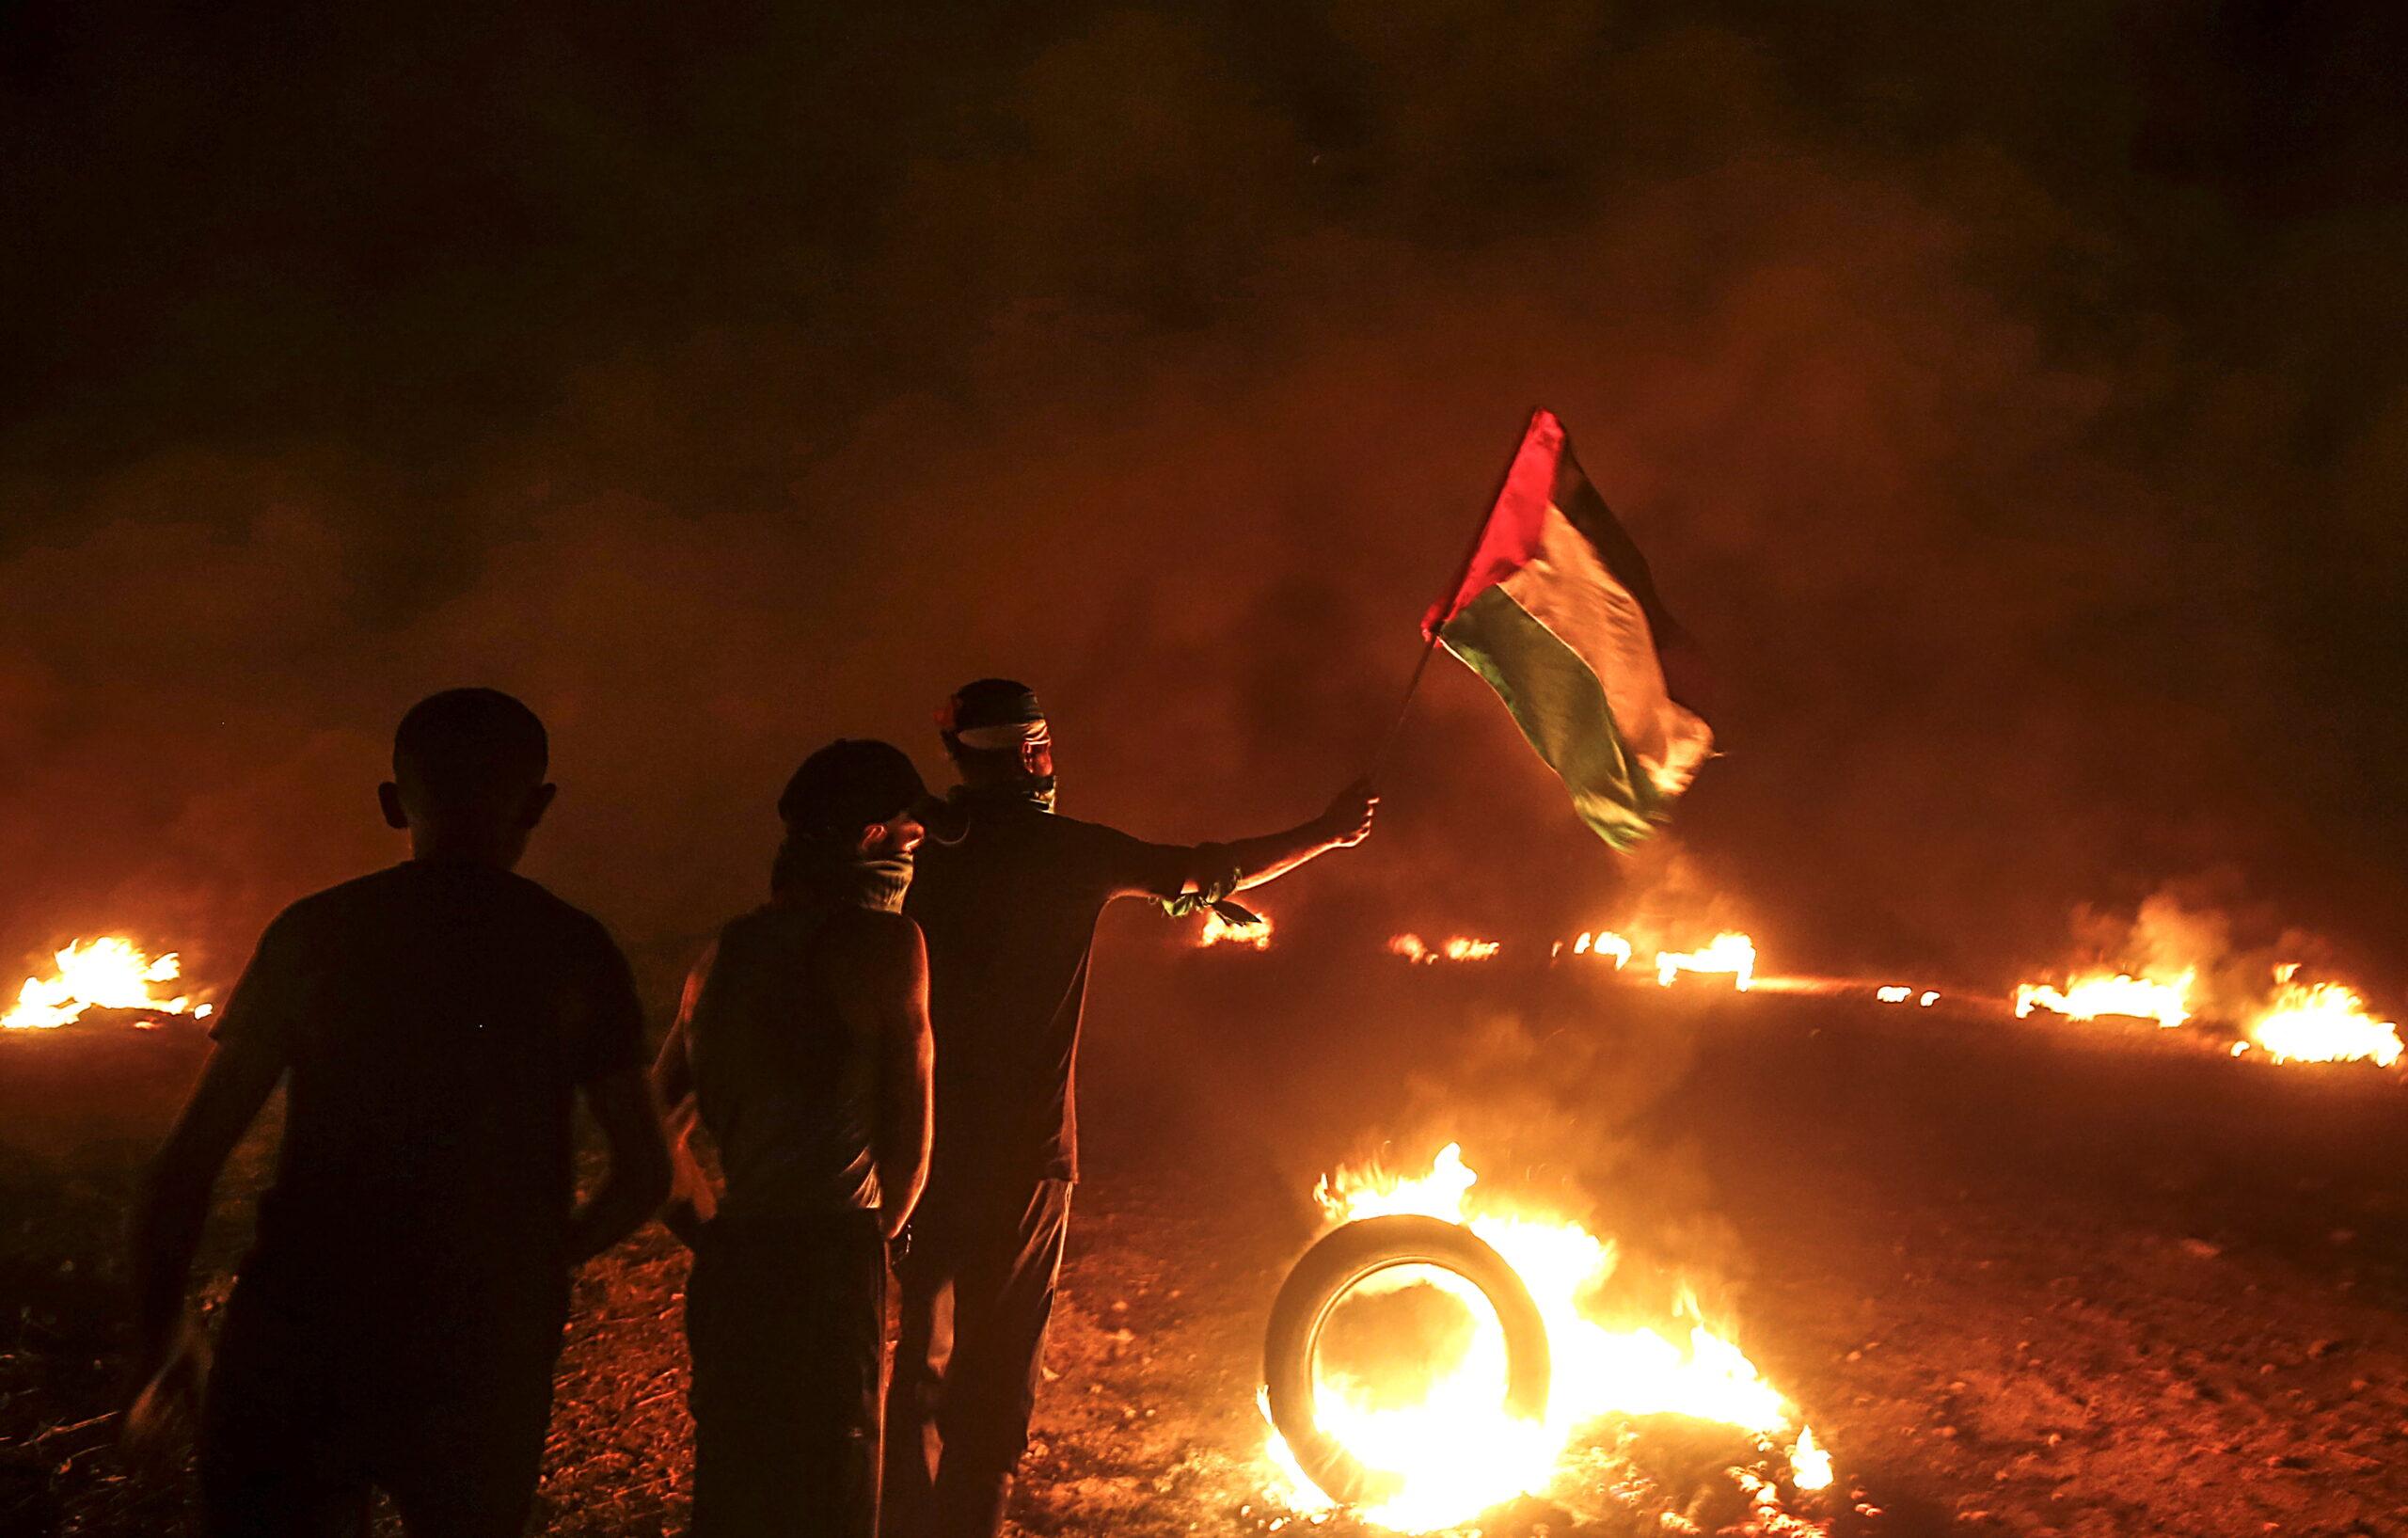 Izrael légicsapásokkal válaszolt a gázai határnál zajló zavargásokra és a terrorléggömbökre